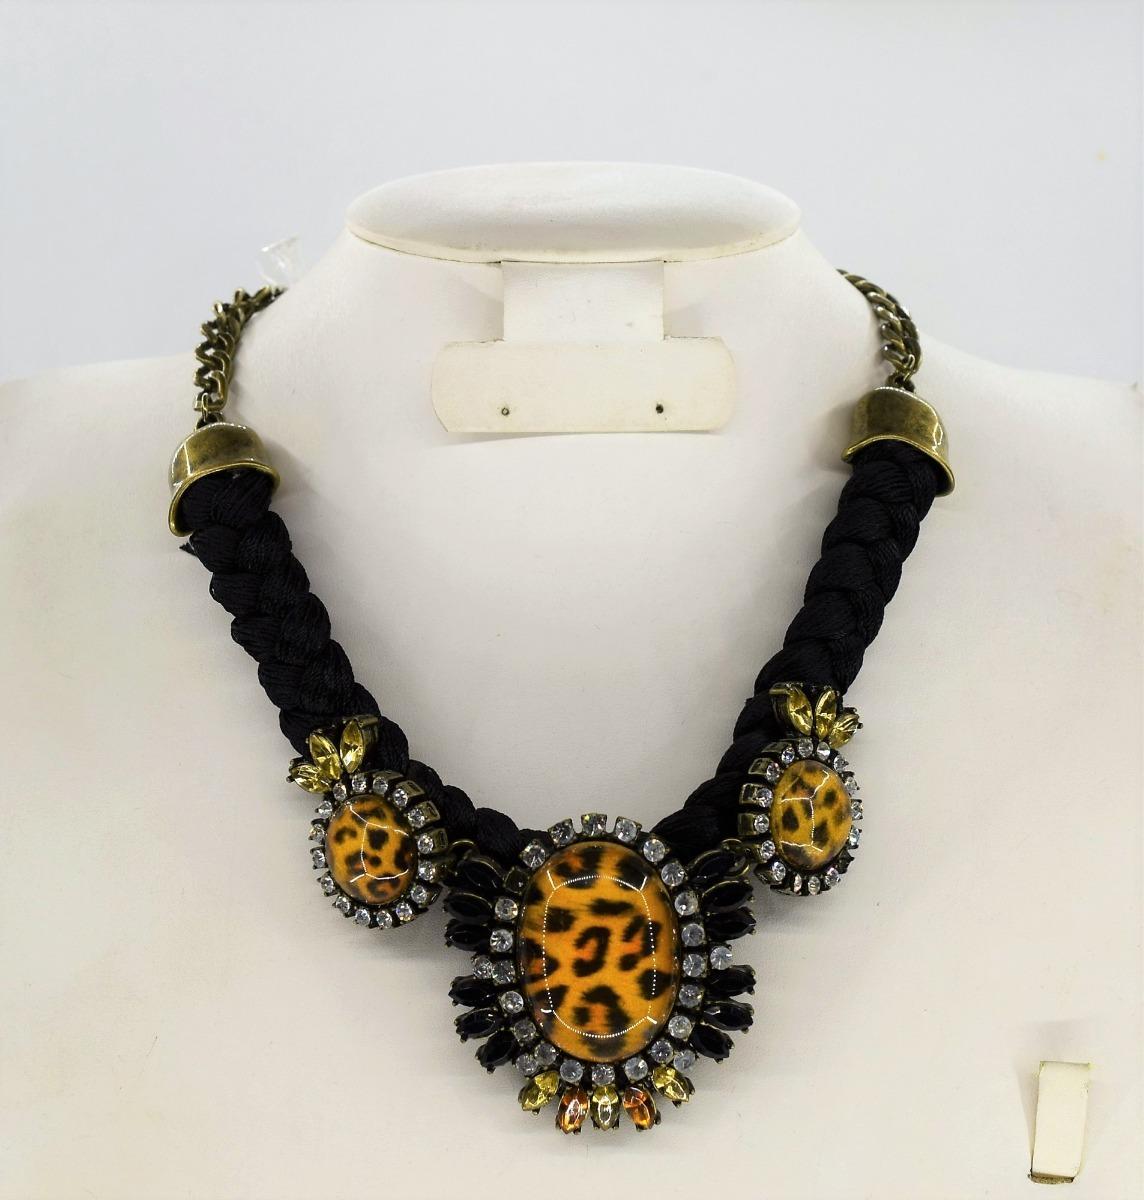 9748231bdb68 Collar Tela Trensada Con Piedras Bisutería Moda Importada -   399.00 ...